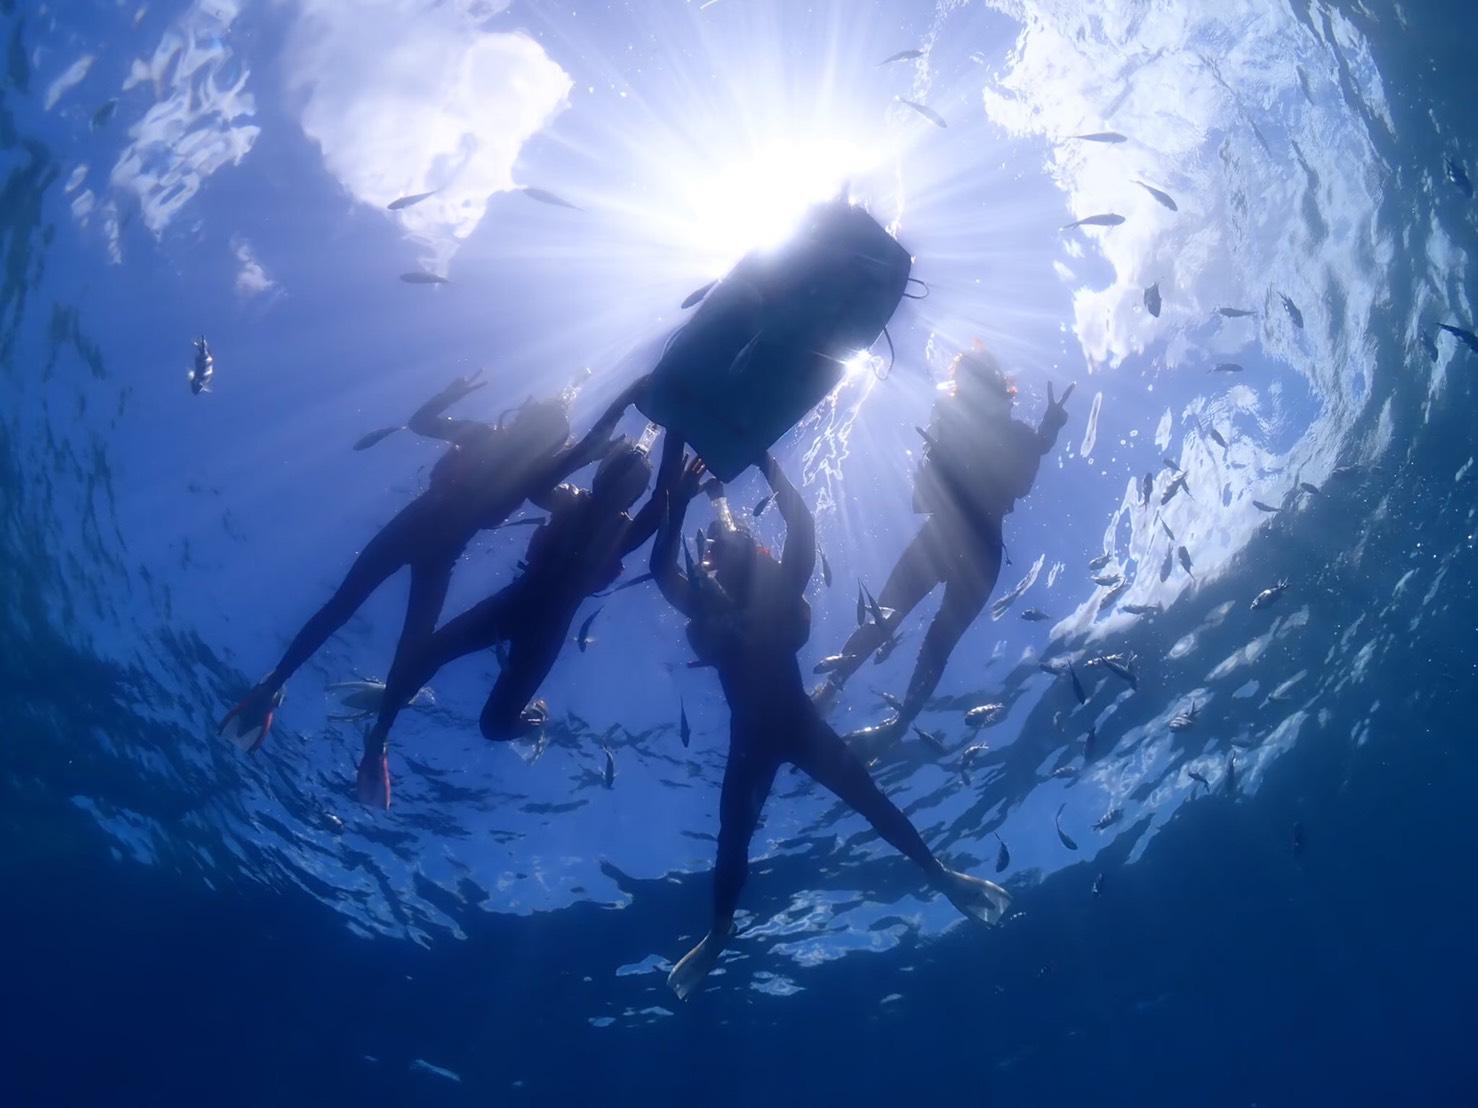 【恩納村】まだ開拓できる!? 写真家も魅了するダイビングポイント【Pro Scuba Team SEALs】